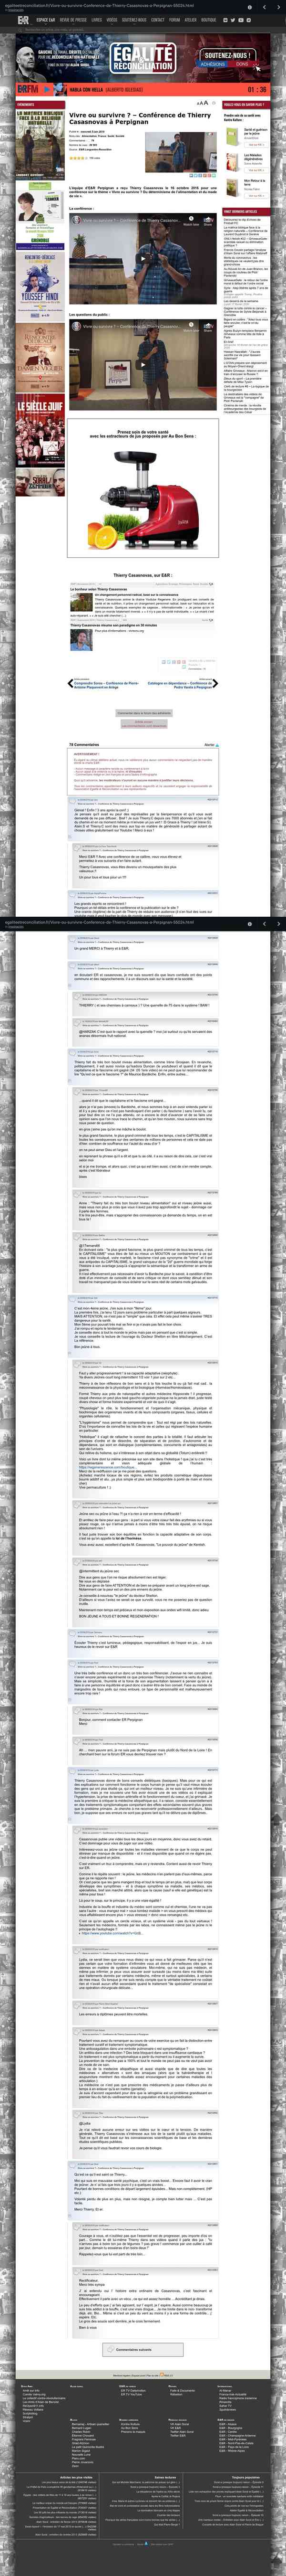 egaliteetreconciliation.fr/Vivre-ou-survivre-Conference-de-Thierry-Casasnovas-a-Perpignan-55024.htm…